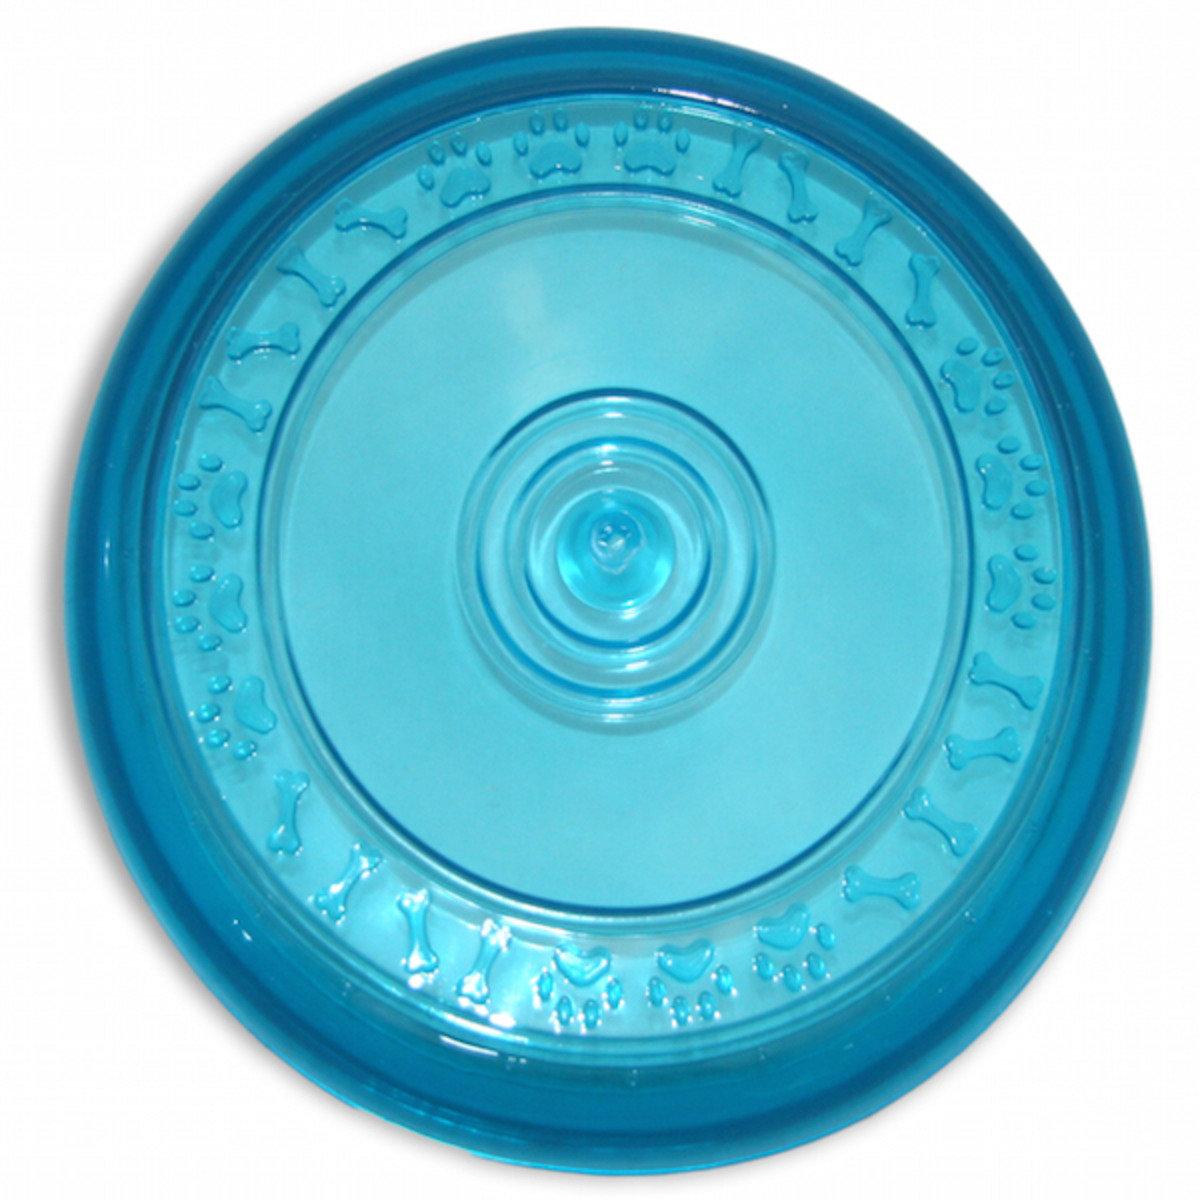 寵物訓練飛盤(藍色)